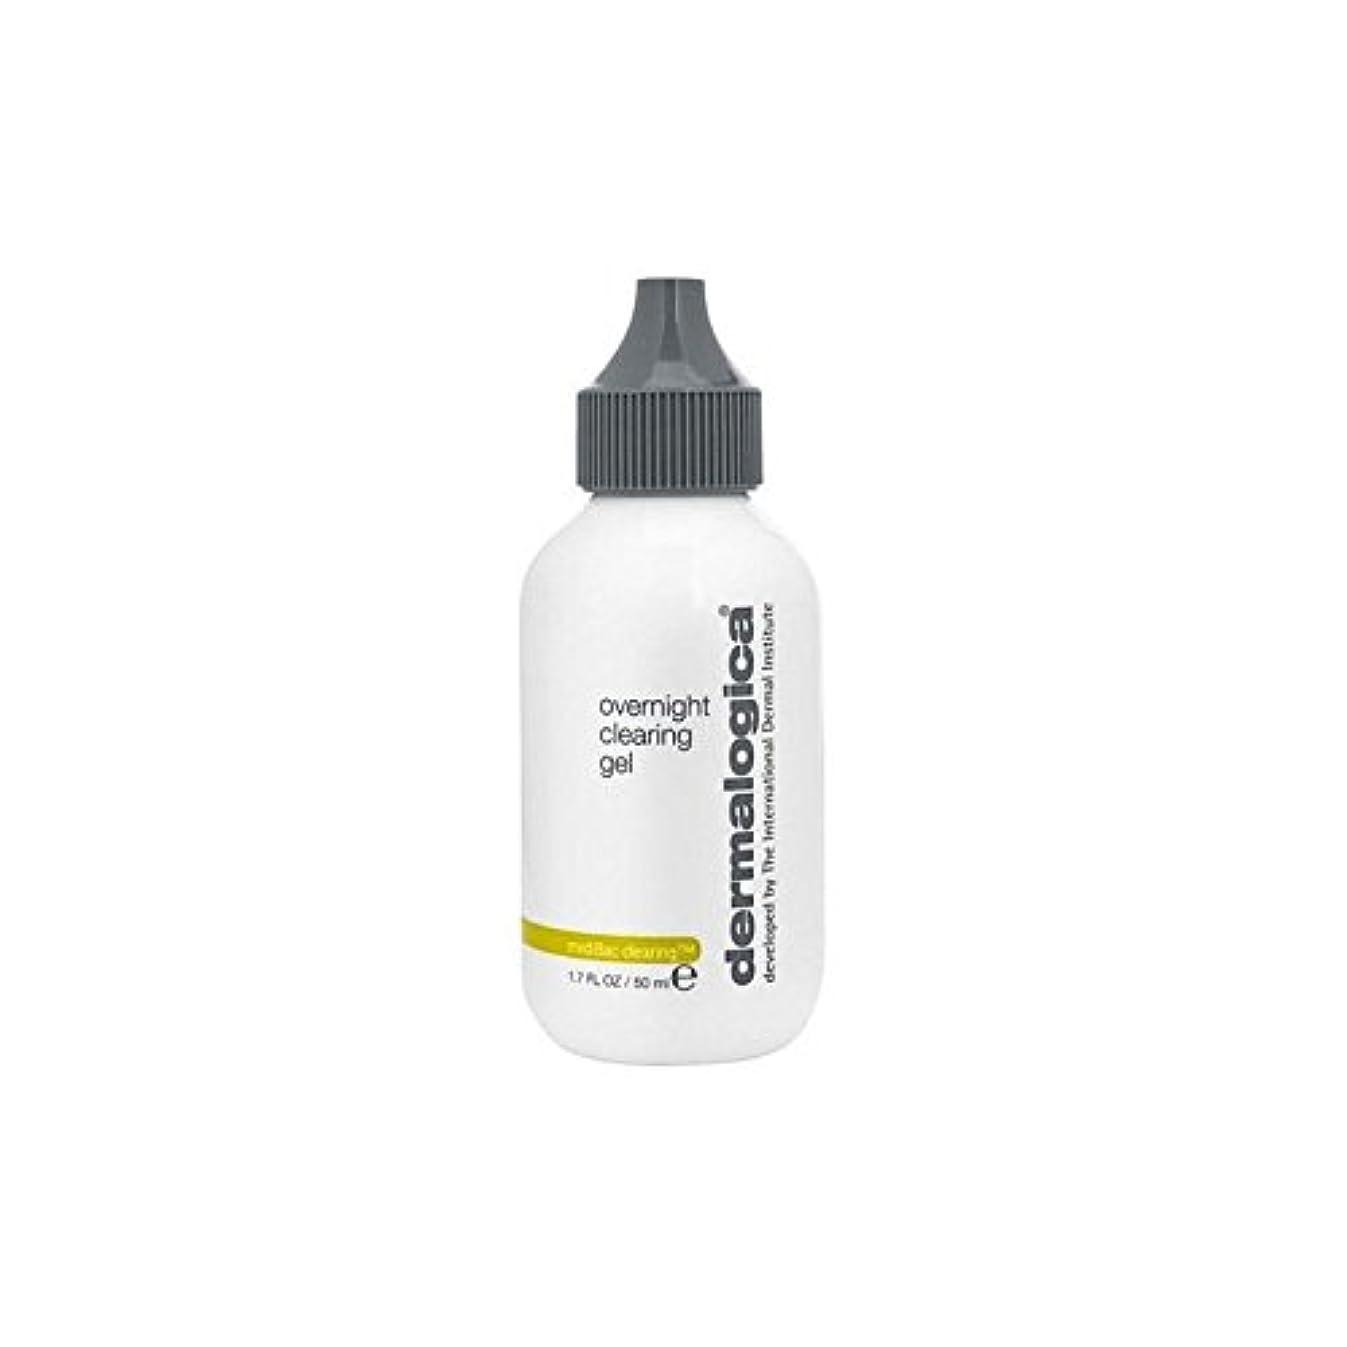 終わらせるスリット溶接Dermalogica Medibac Overnight Clearing Gel (50ml) (Pack of 6) - ダーマロジカ一晩透明ゲル(50)中 x6 [並行輸入品]